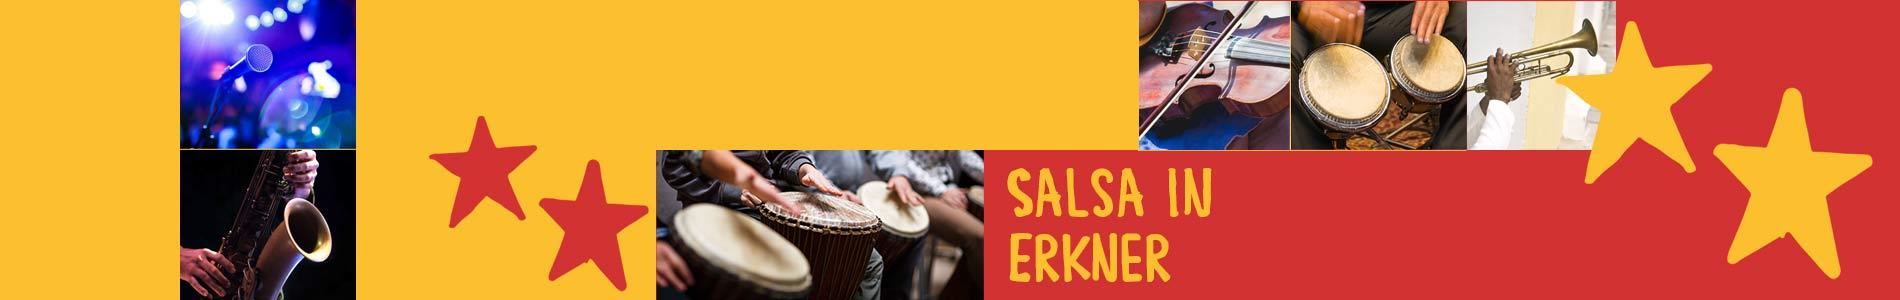 Salsa in Erkner – Salsa lernen und tanzen, Tanzkurse, Partys, Veranstaltungen